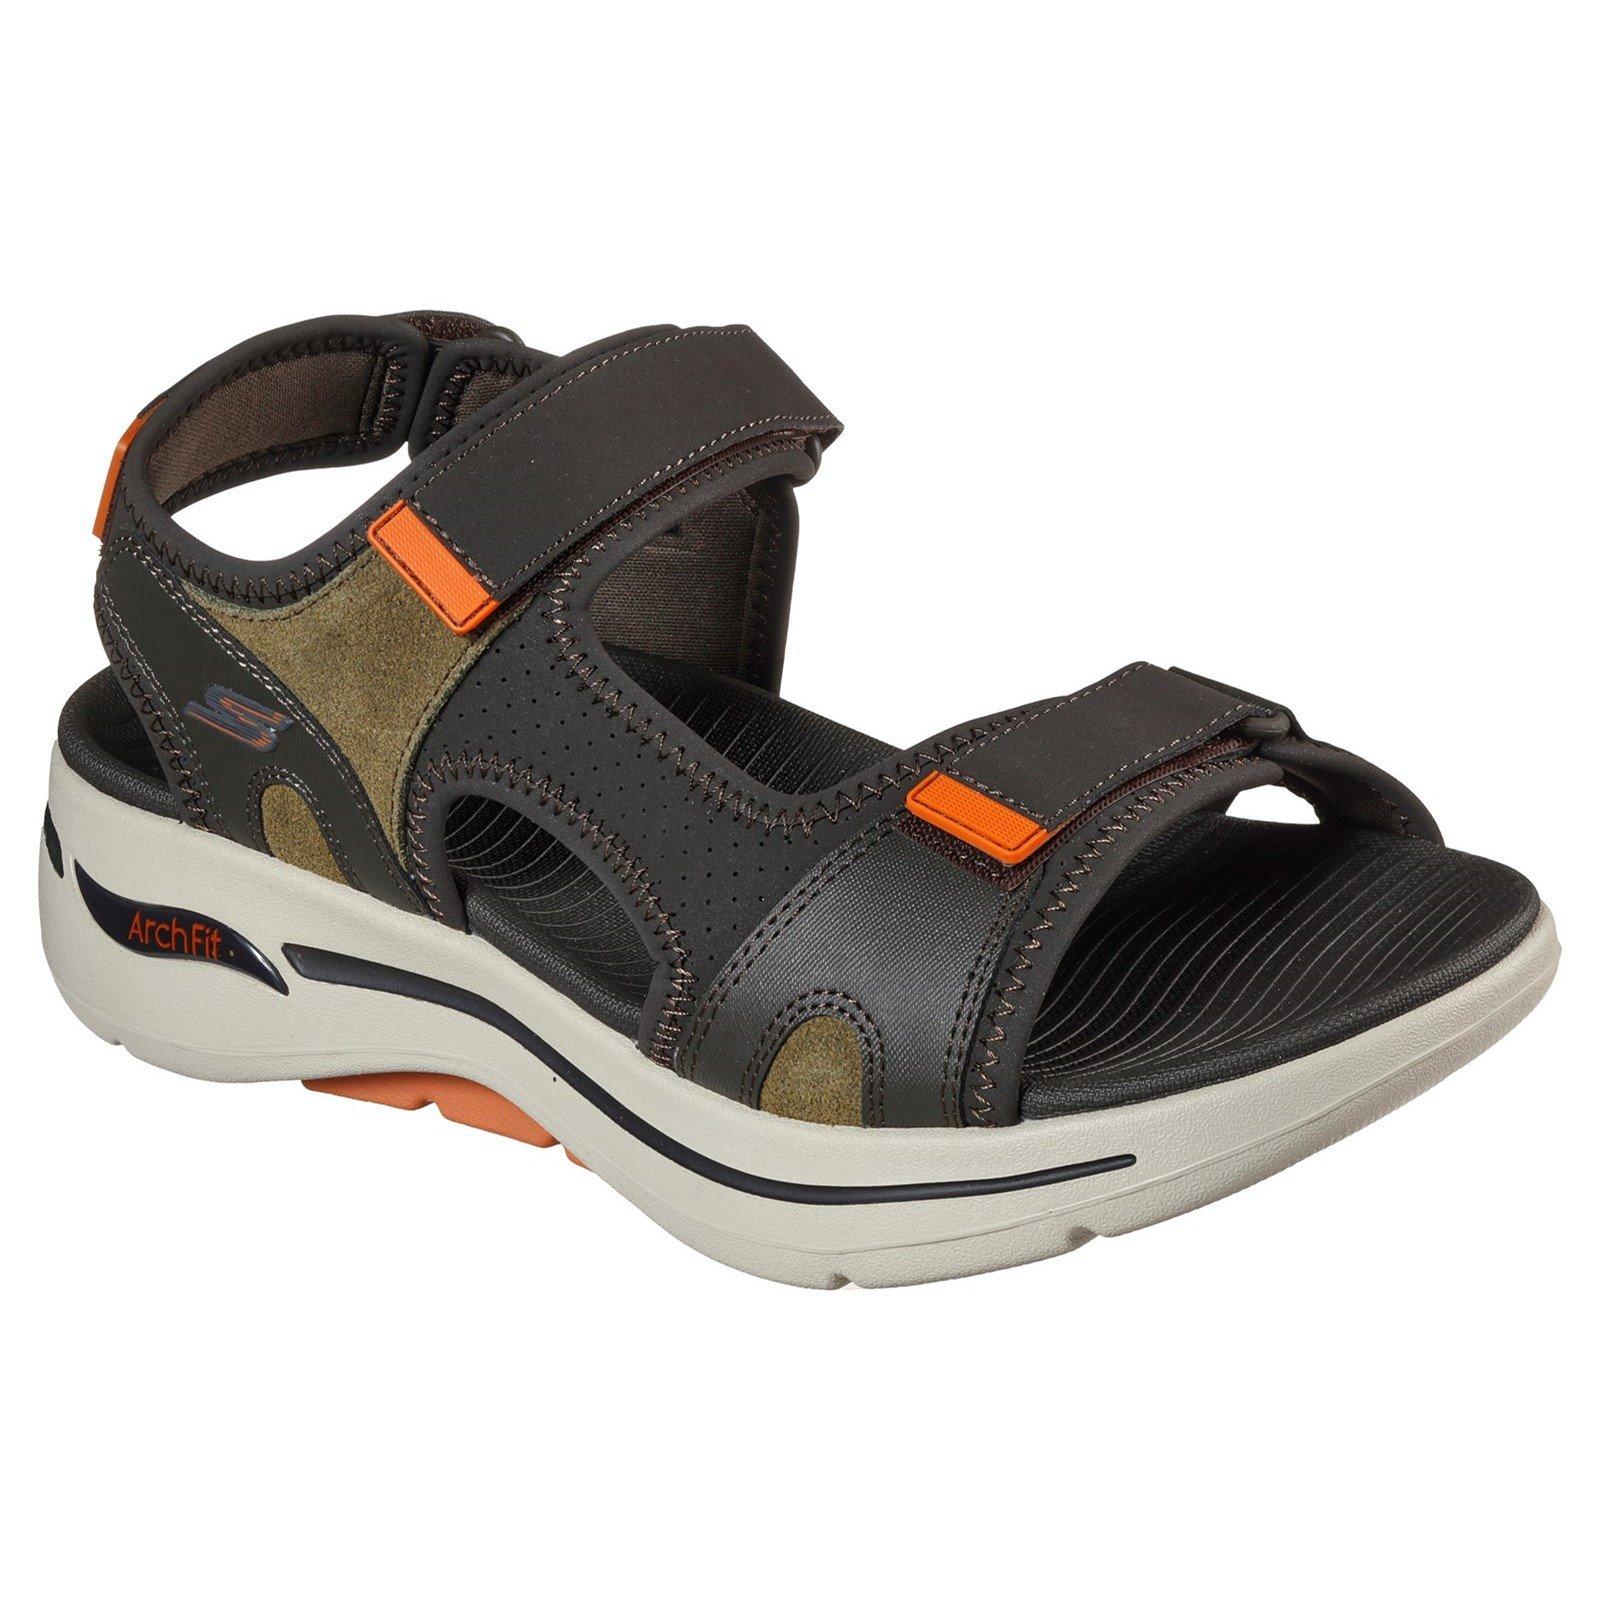 Skechers Men's Go Walk Arch Fit Mission Summer Sandal Multicolor 32211 - Olive/Orange 6